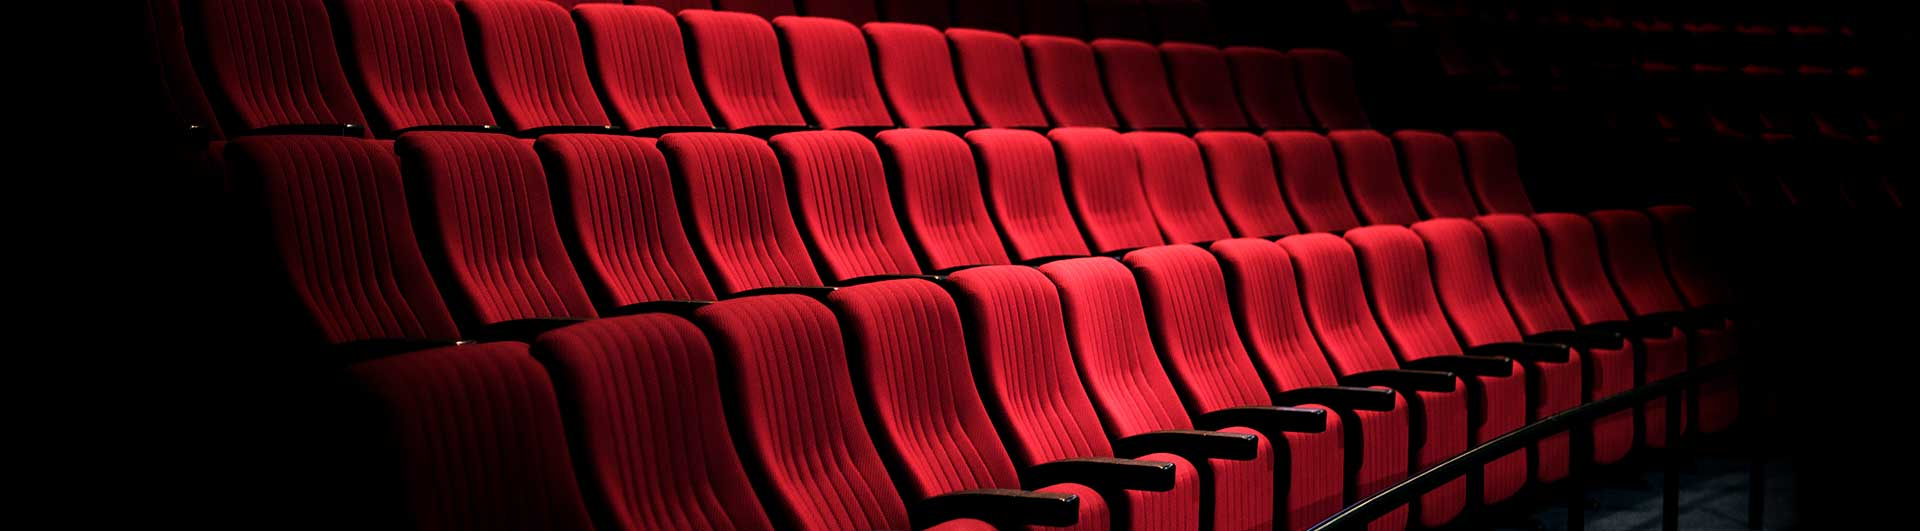 پردیس سینمایی لاله پارک تبریز